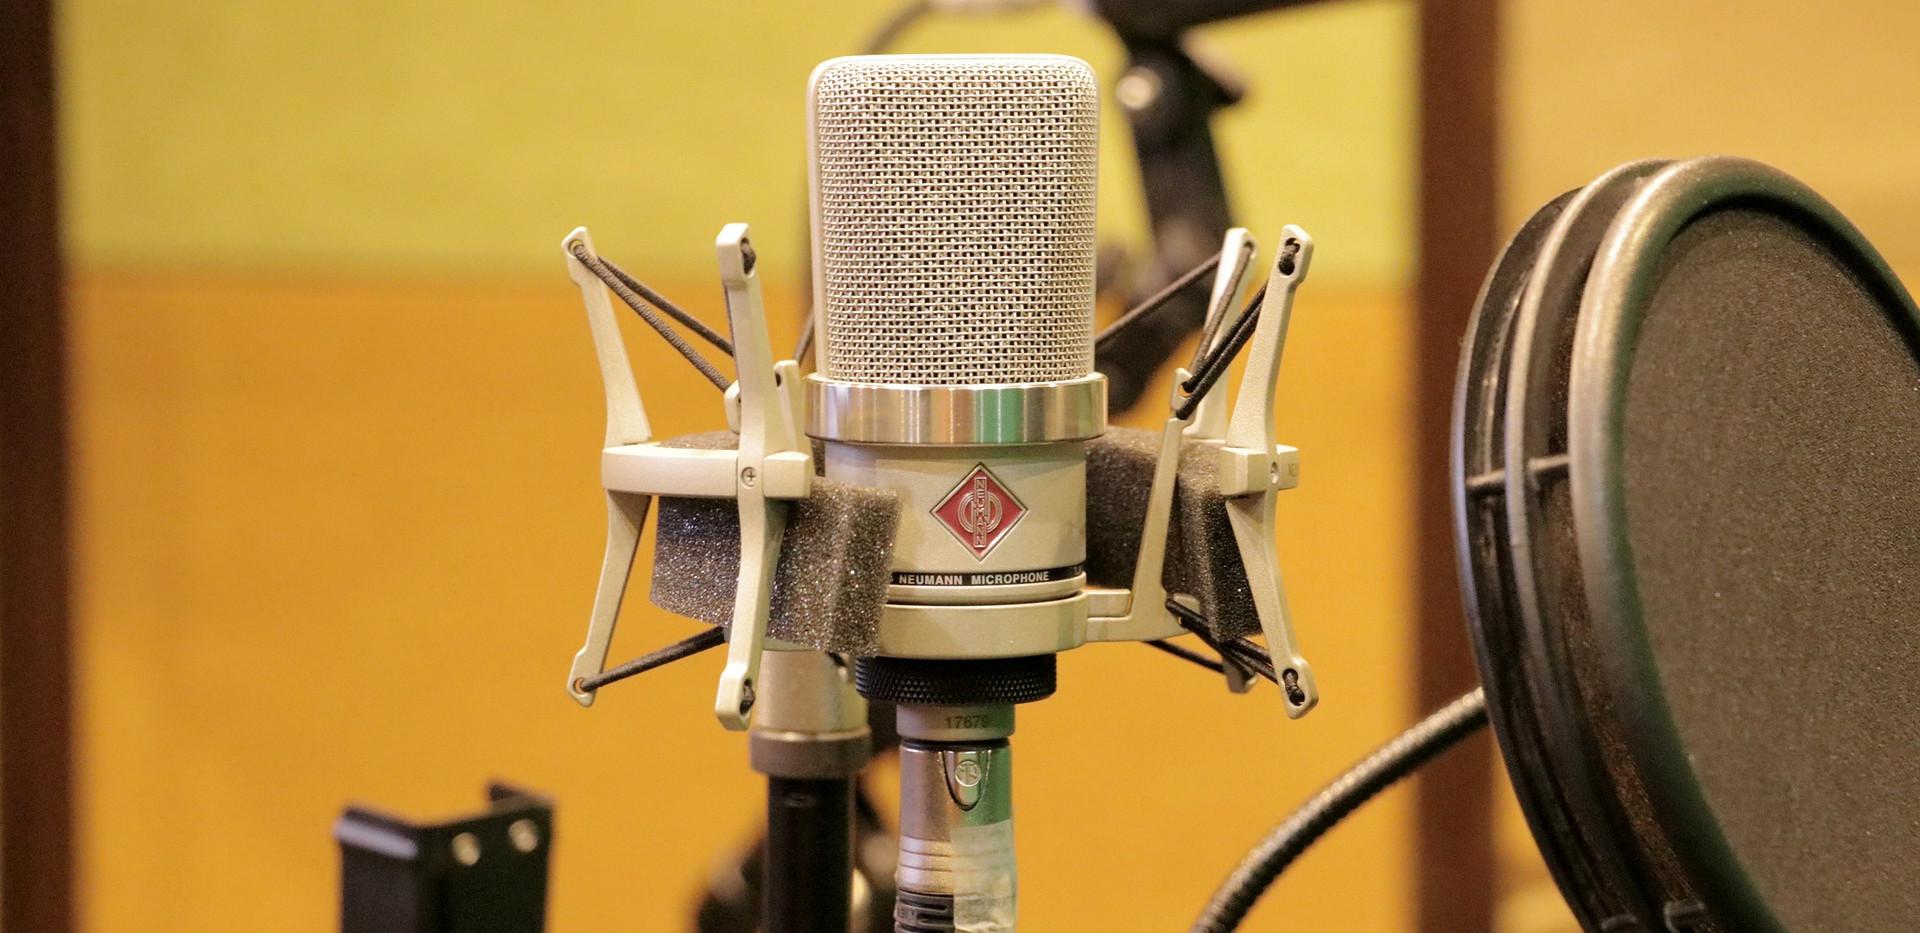 mic-5339046_1920.jpg